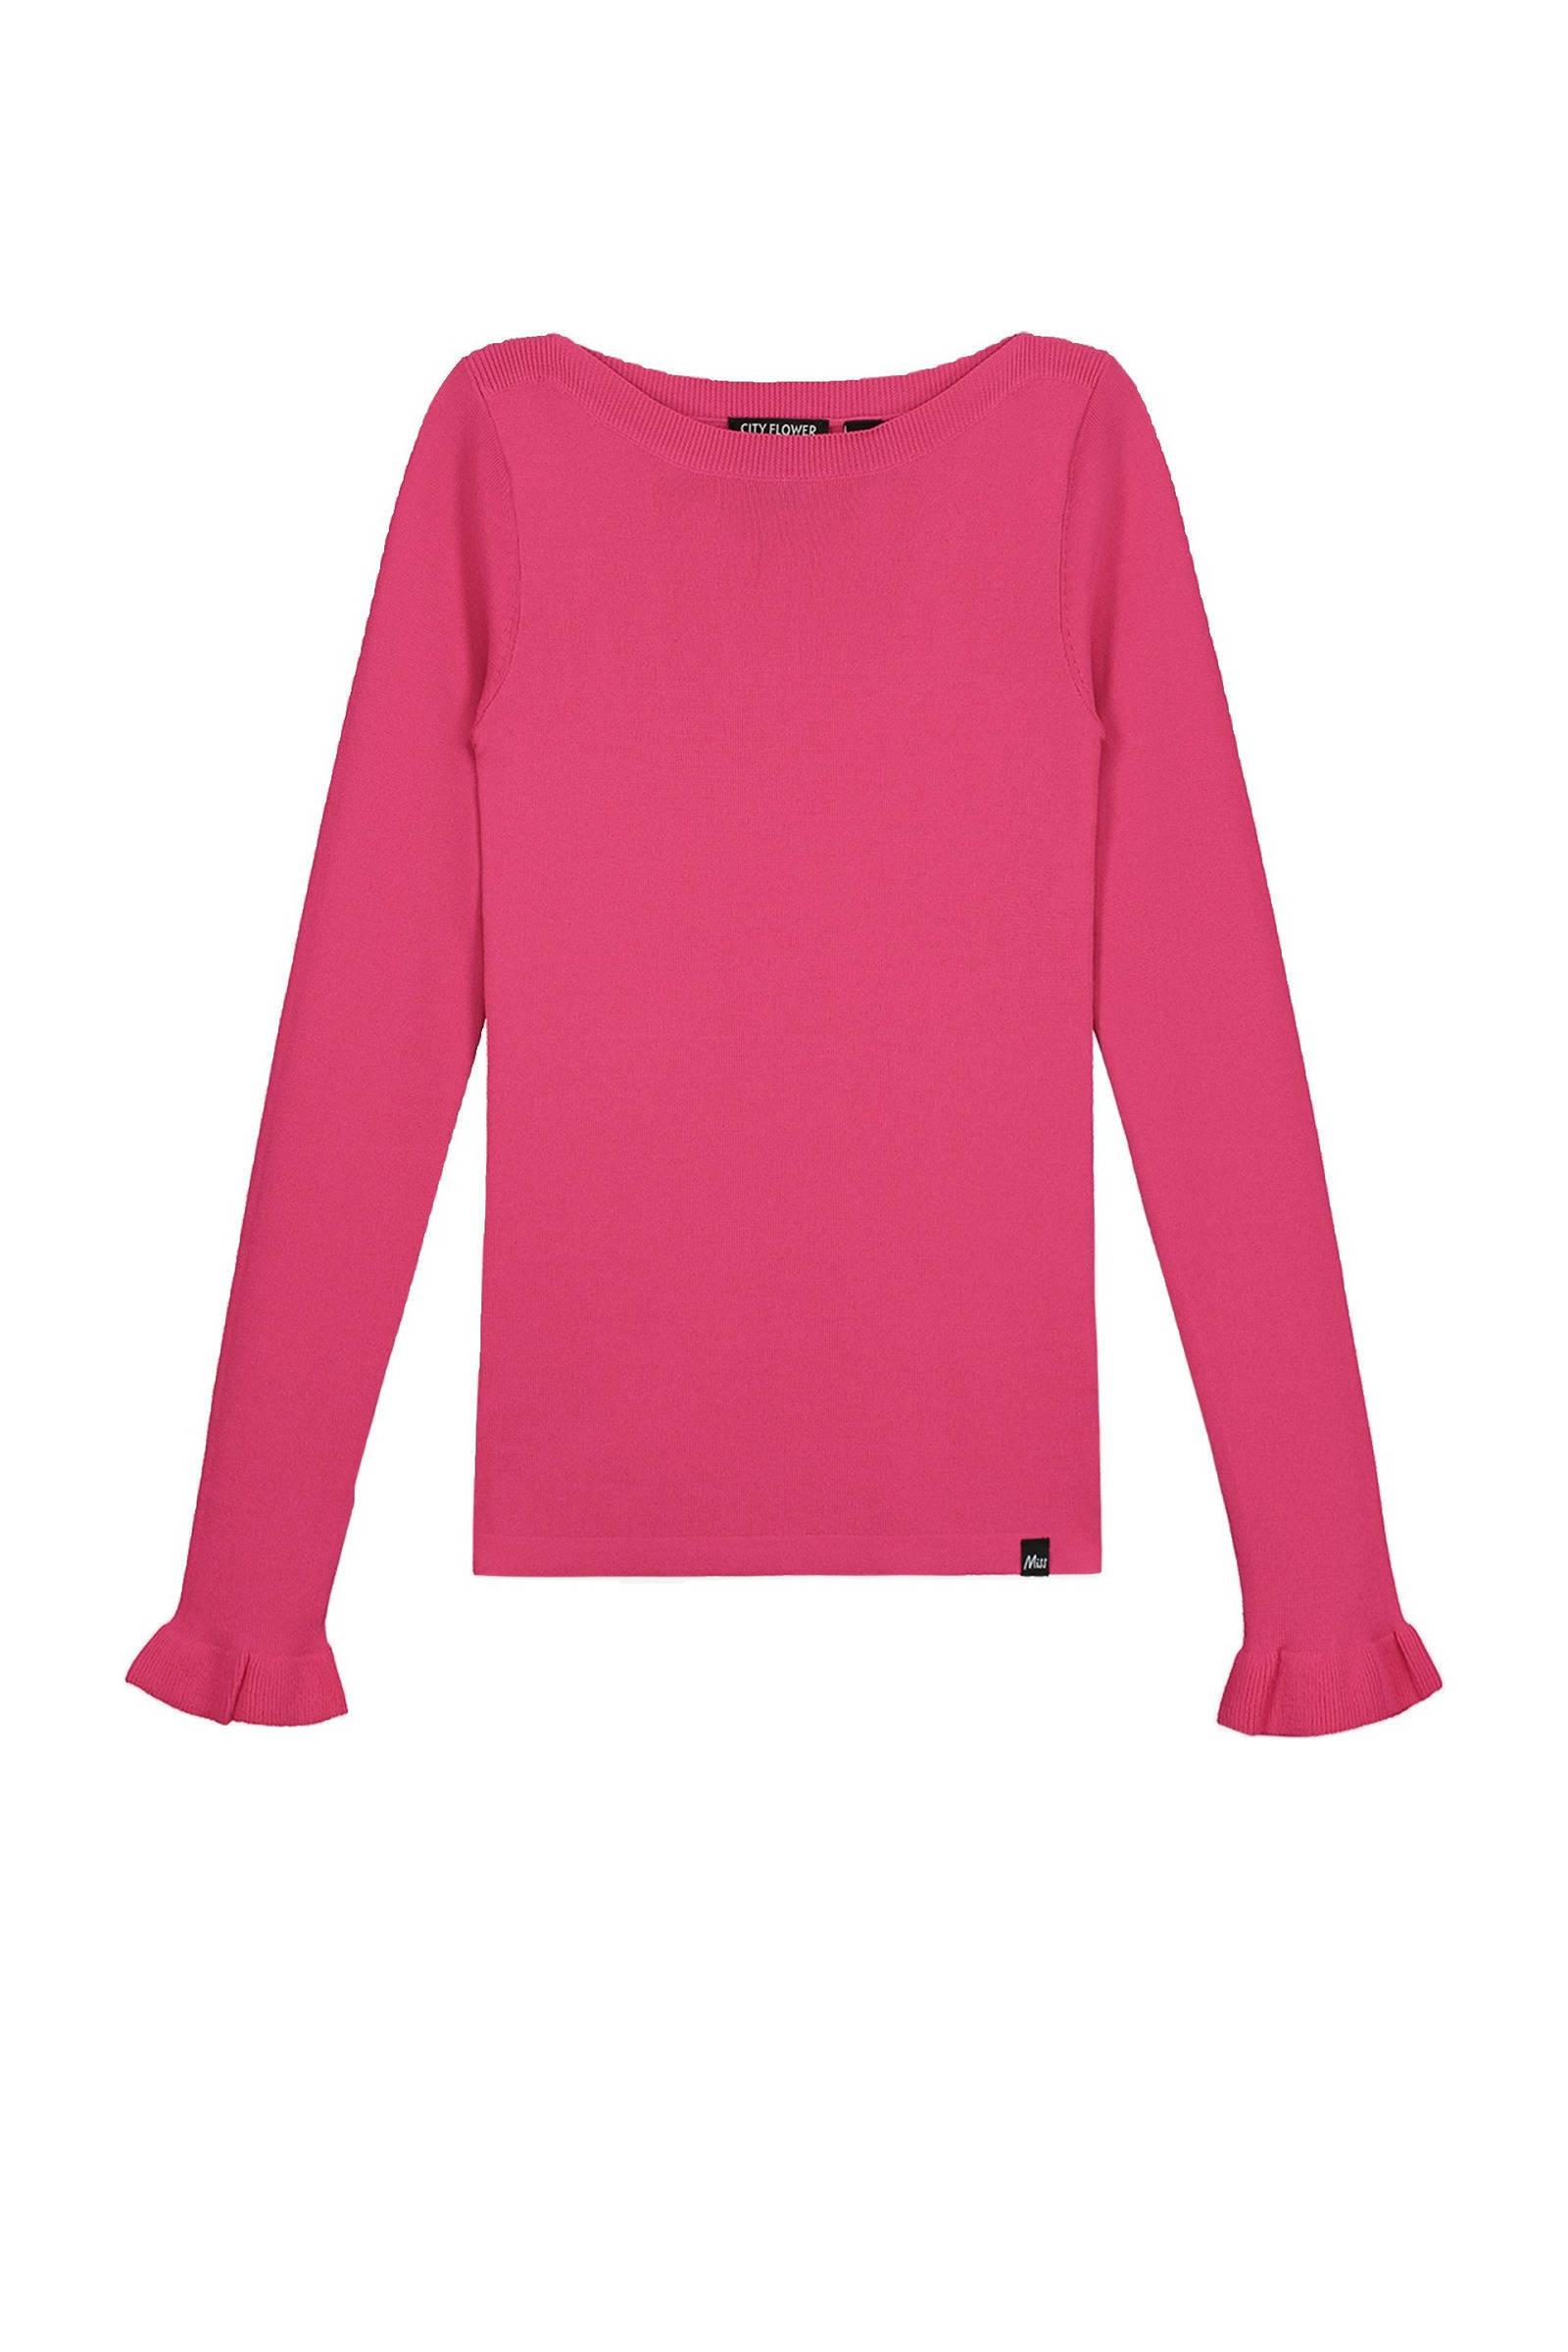 NIK&NIK fijngebreide trui Belia zwartgroen | wehkamp